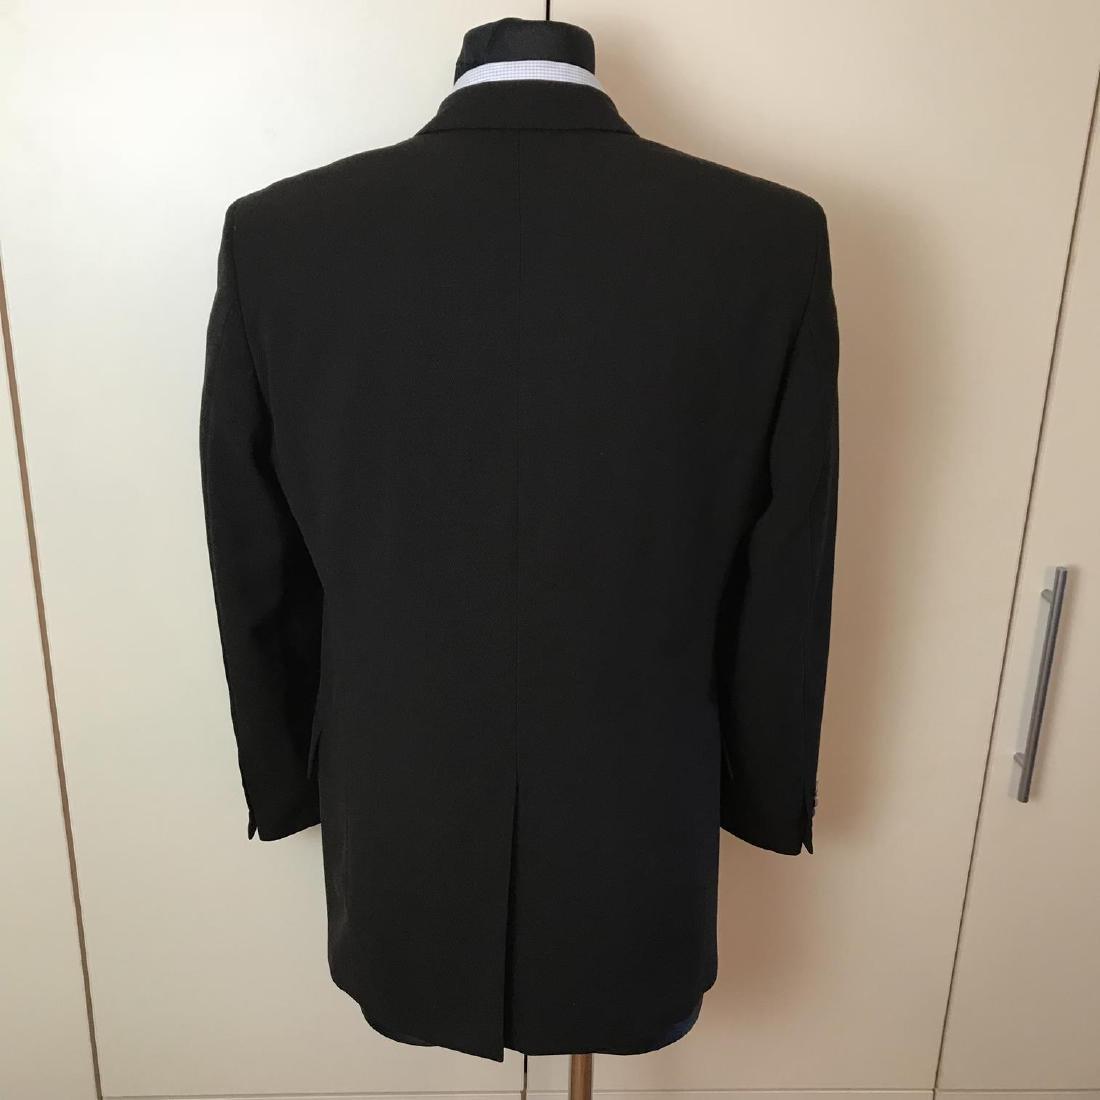 HUGO BOSS Men's Vintage Blazer / Jacket Size 46 EUR 36 - 3